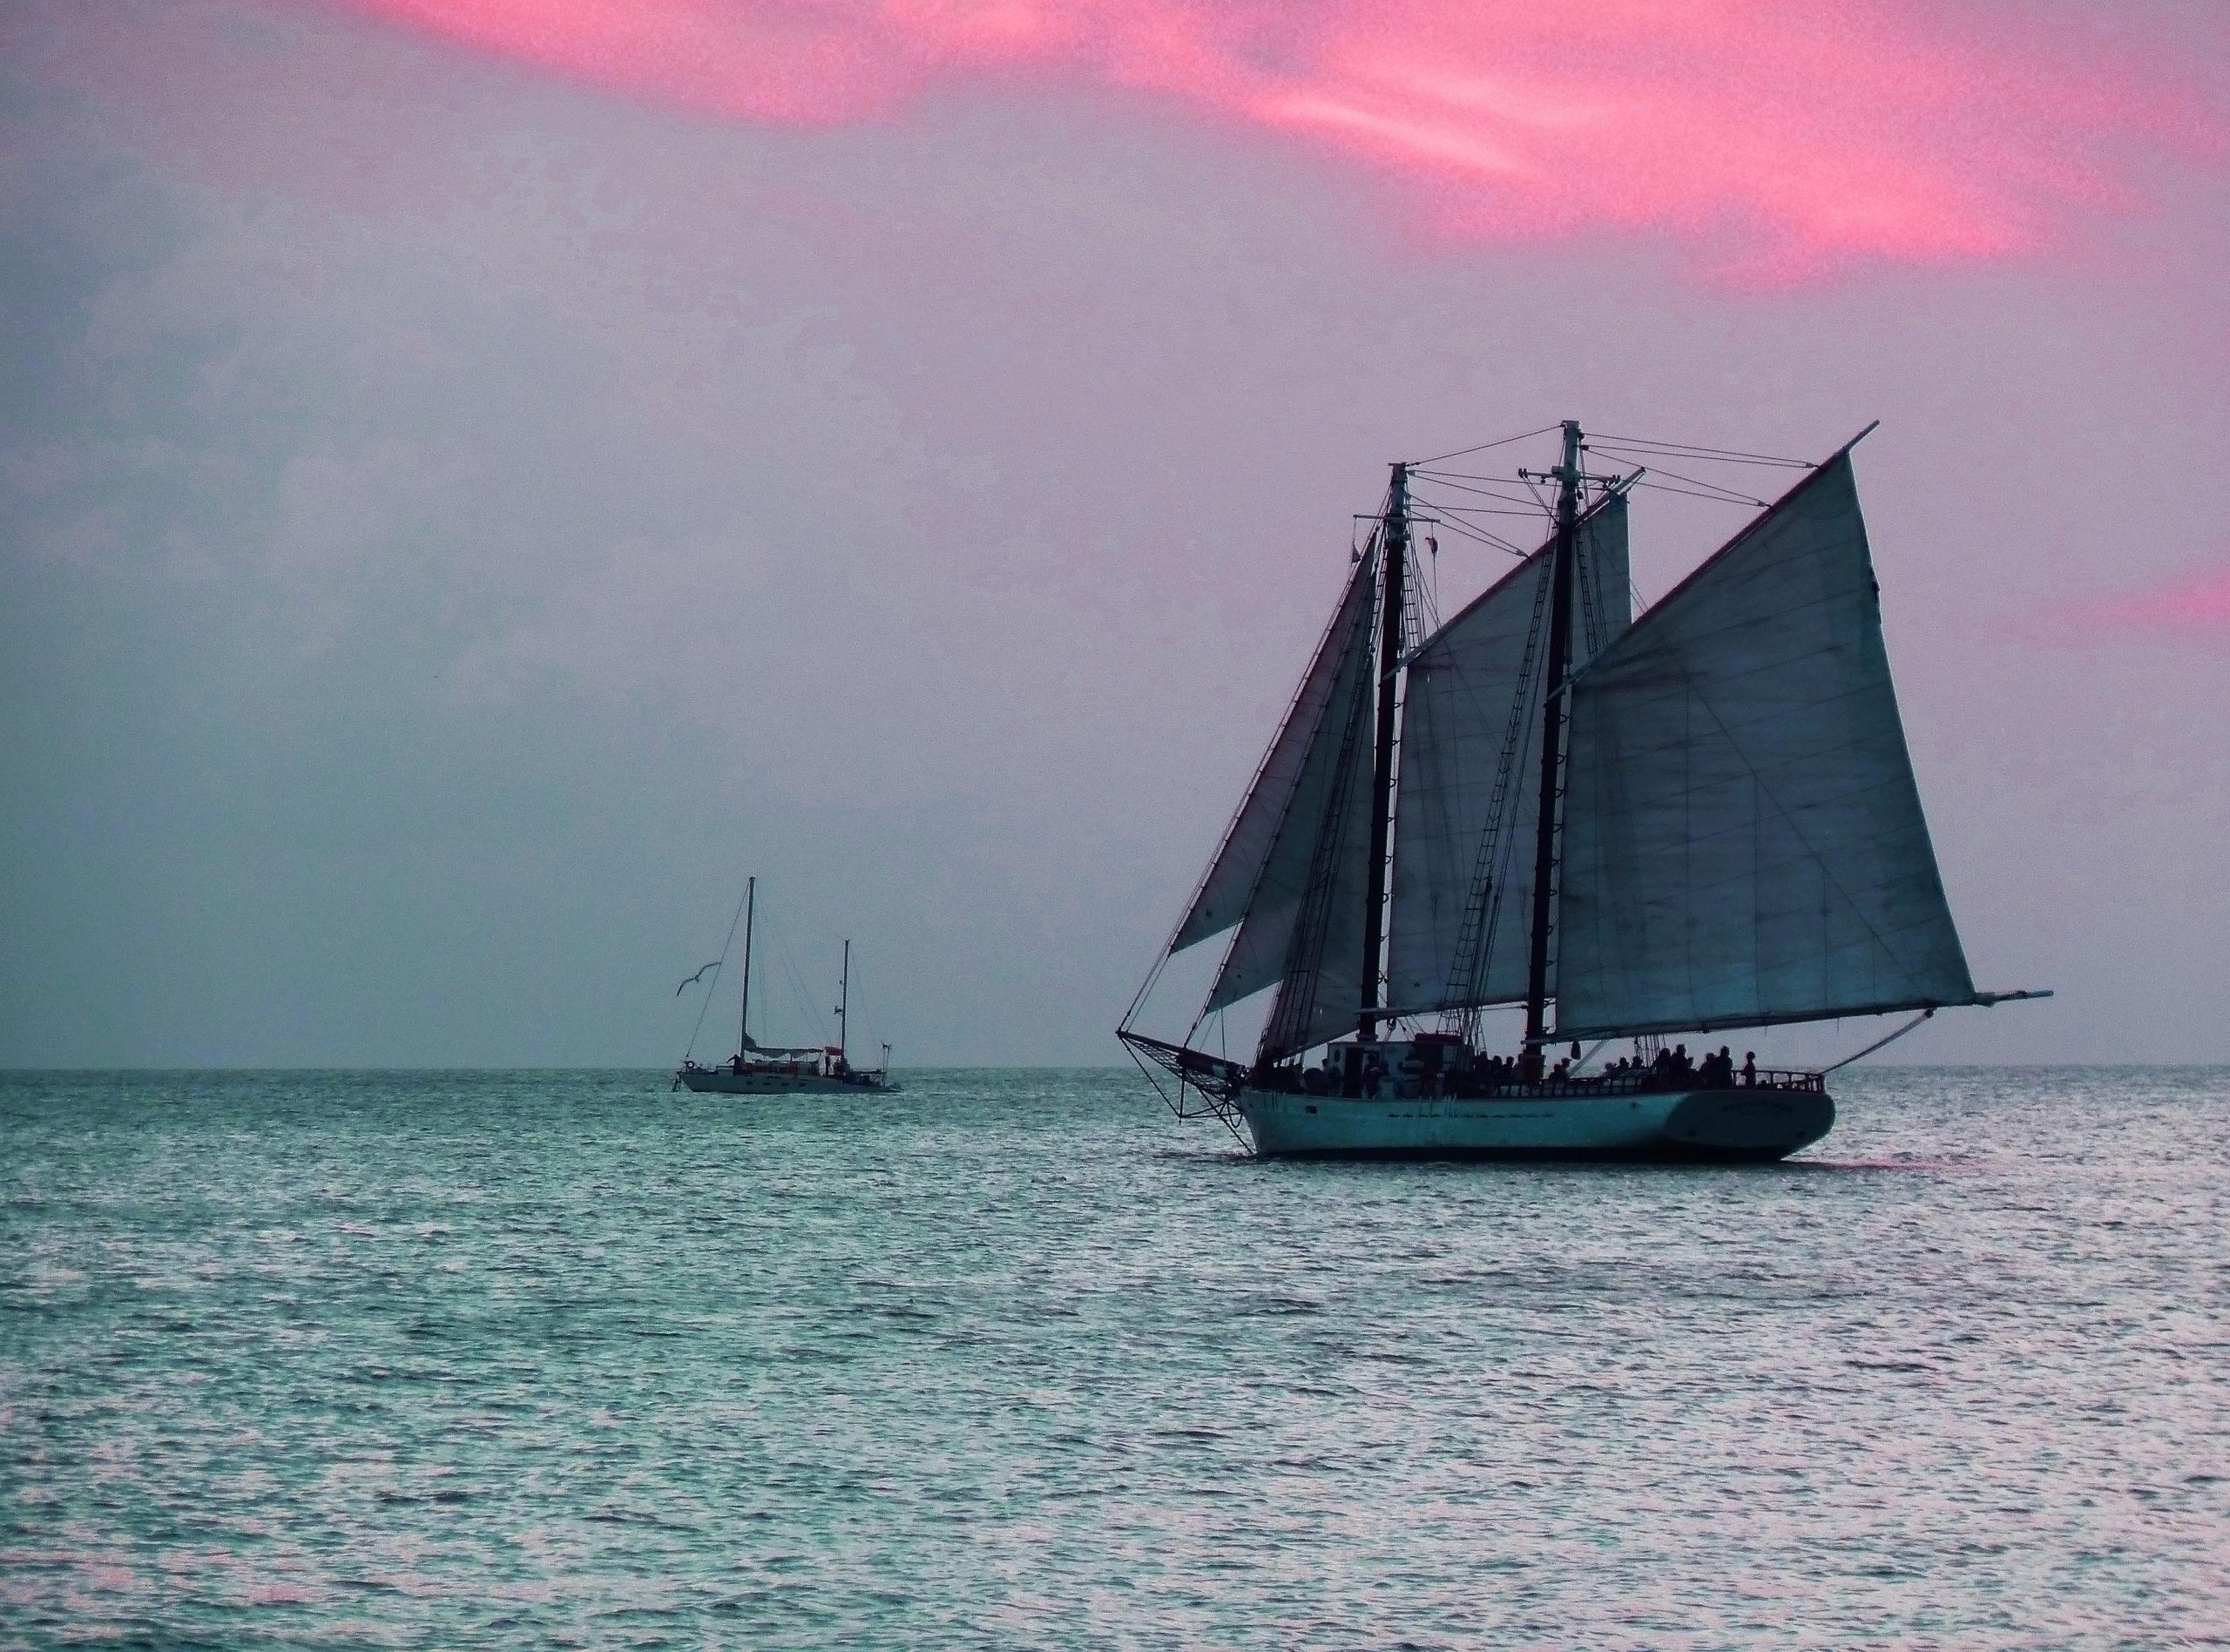 P1040601 Key West